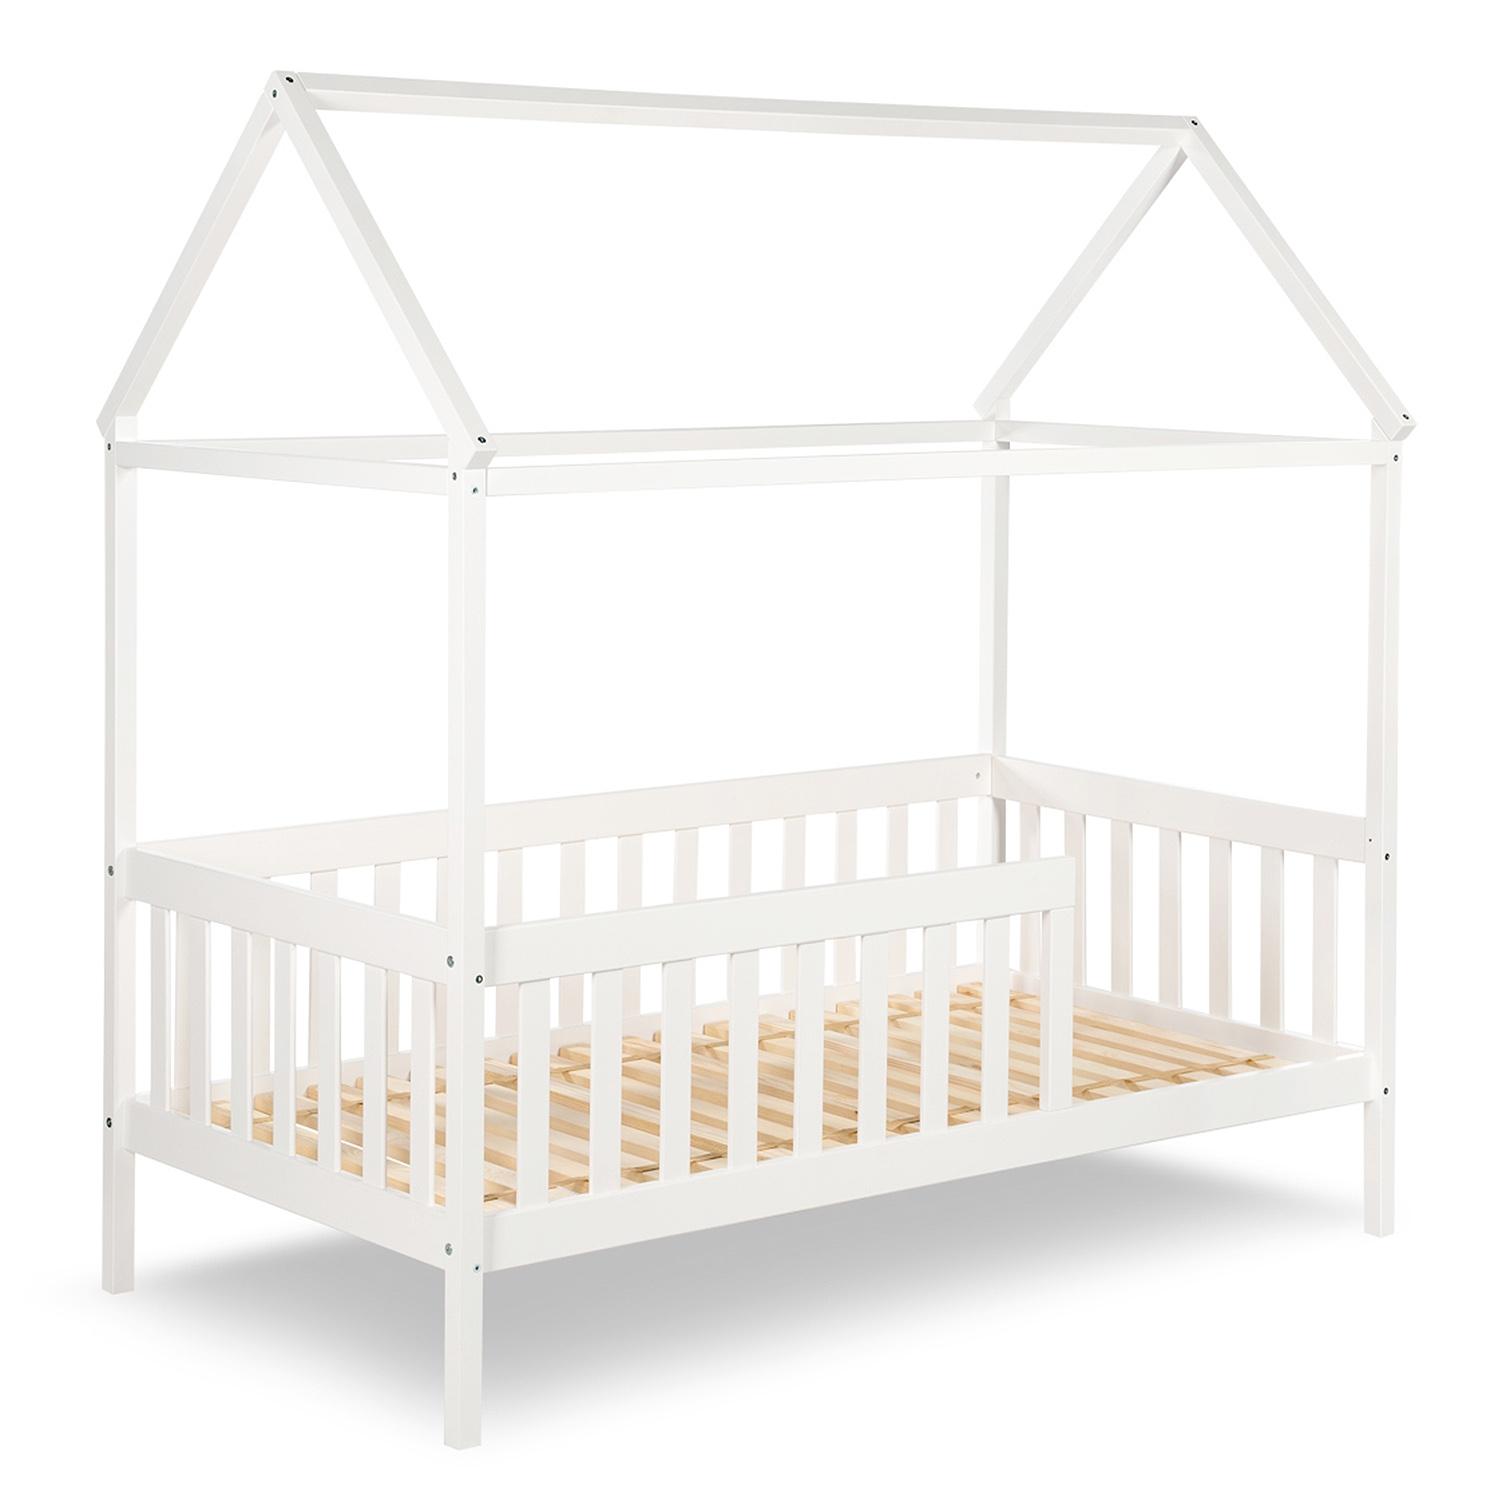 Full Size of Hausbett 100x200 Kleinkind Bett Jojunior Mit Gitterrand Wei 80x160cm Bei Betten Weiß Wohnzimmer Hausbett 100x200